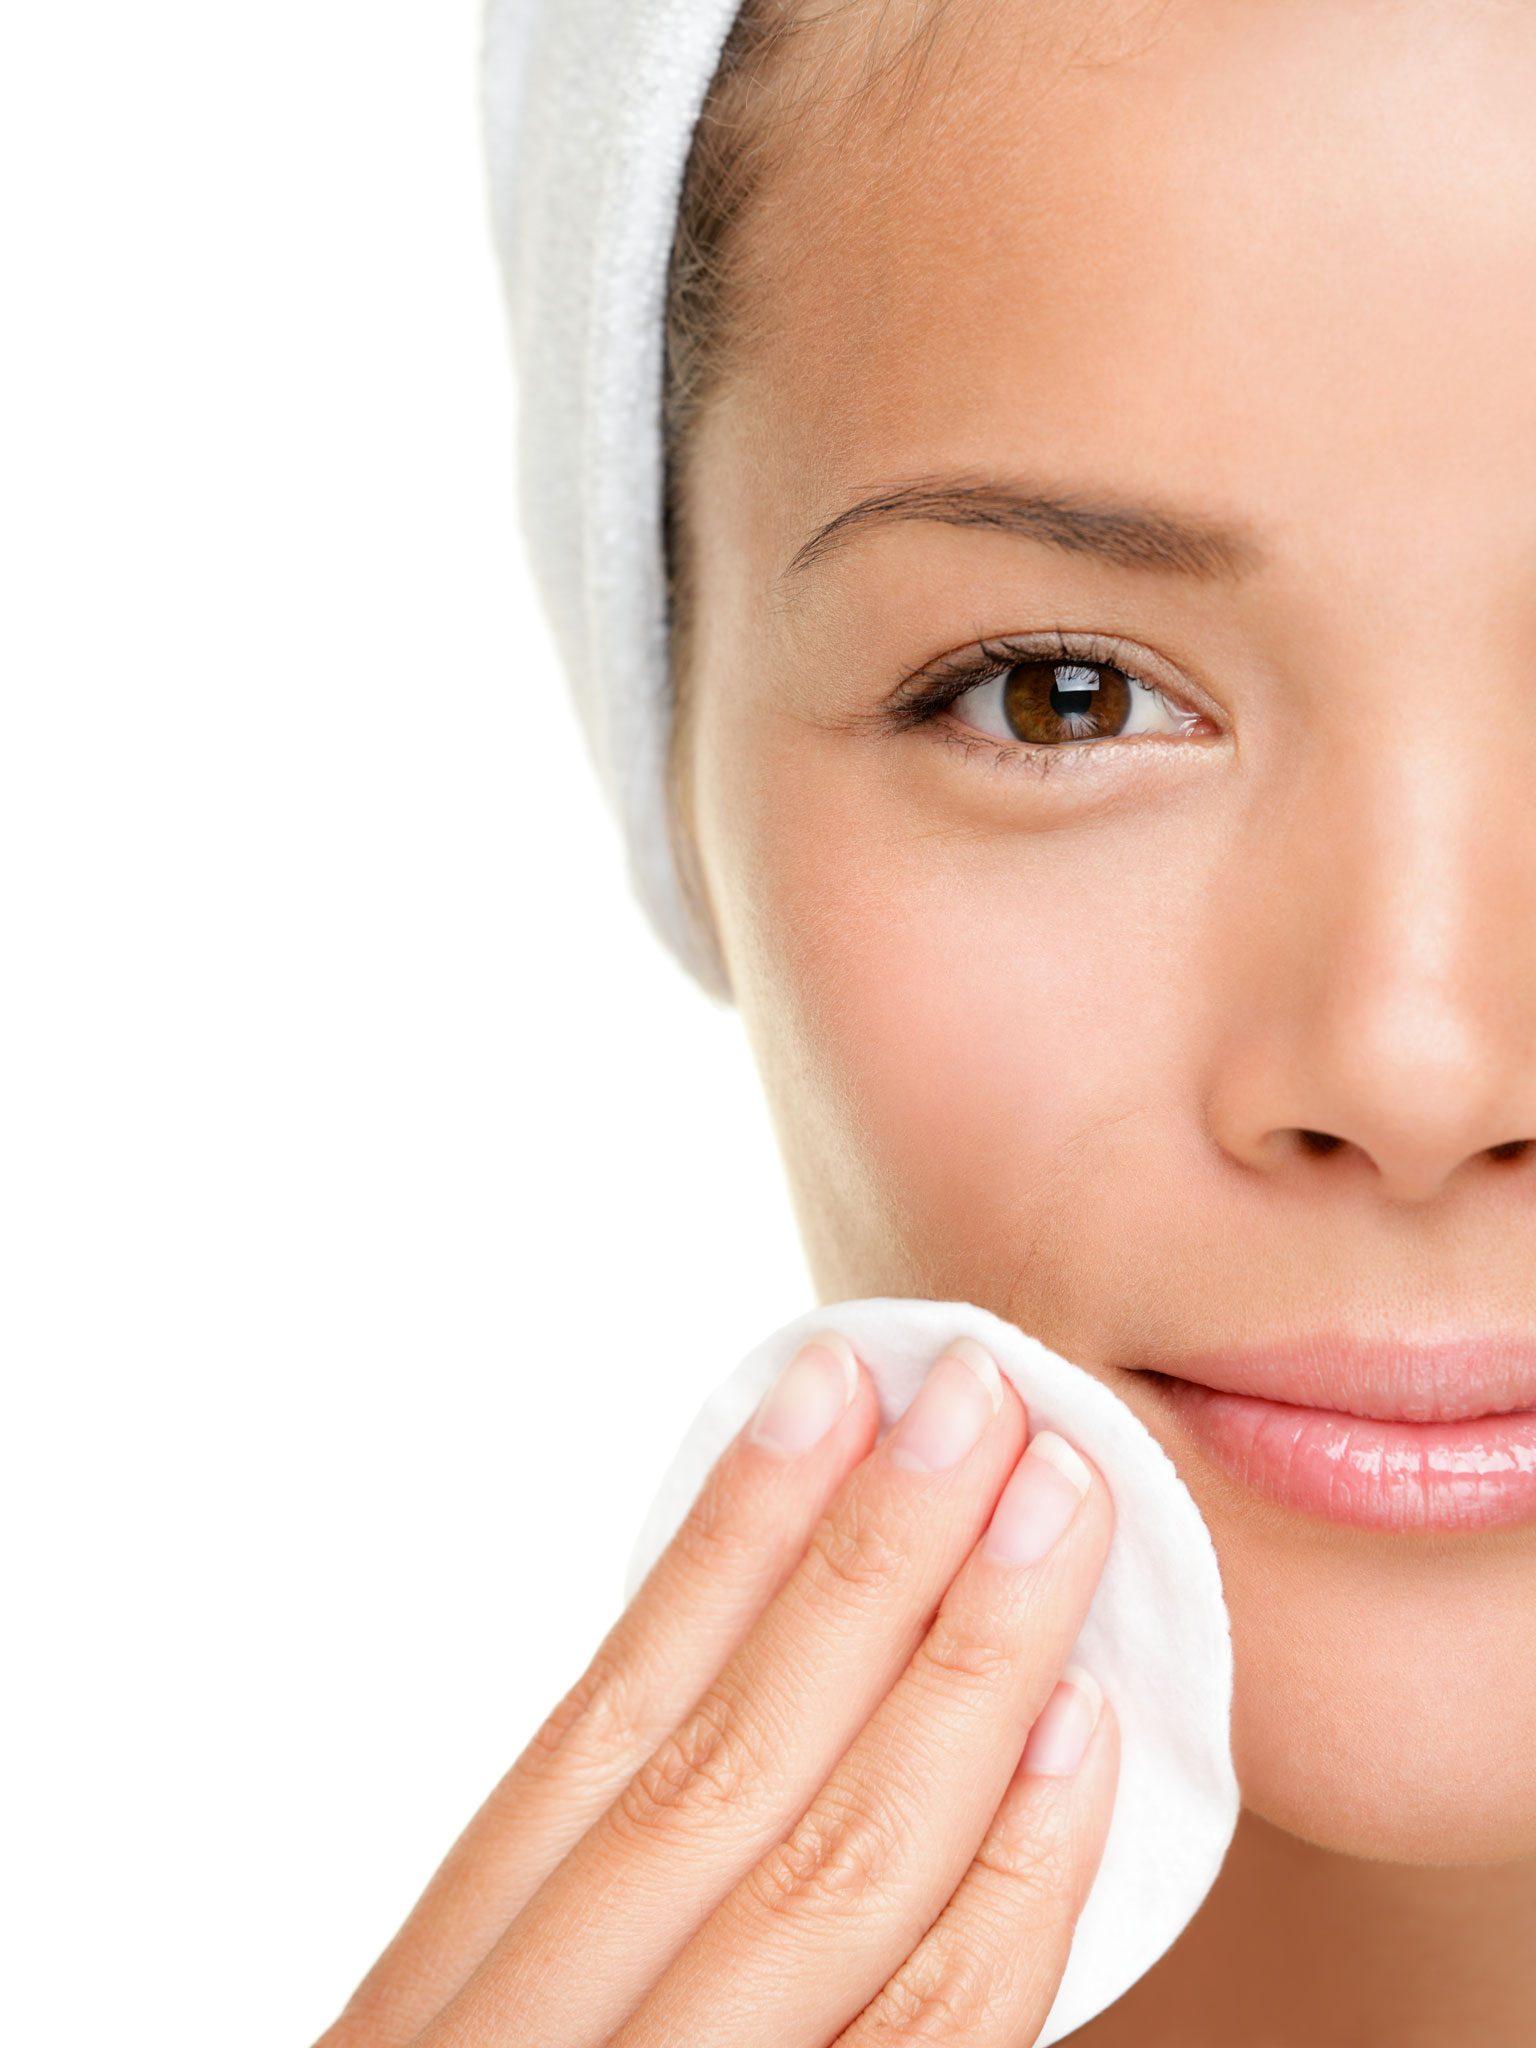 DSA_HomePage_Clean Face_shutterstock_81697345_web